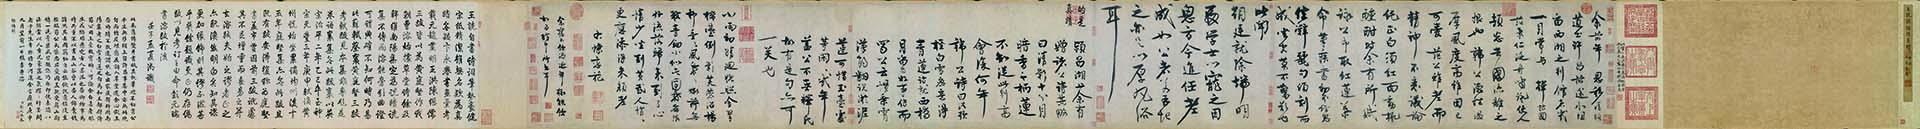 北宋 王诜 行书颍昌湖上诗词卷 纸本31.3×271